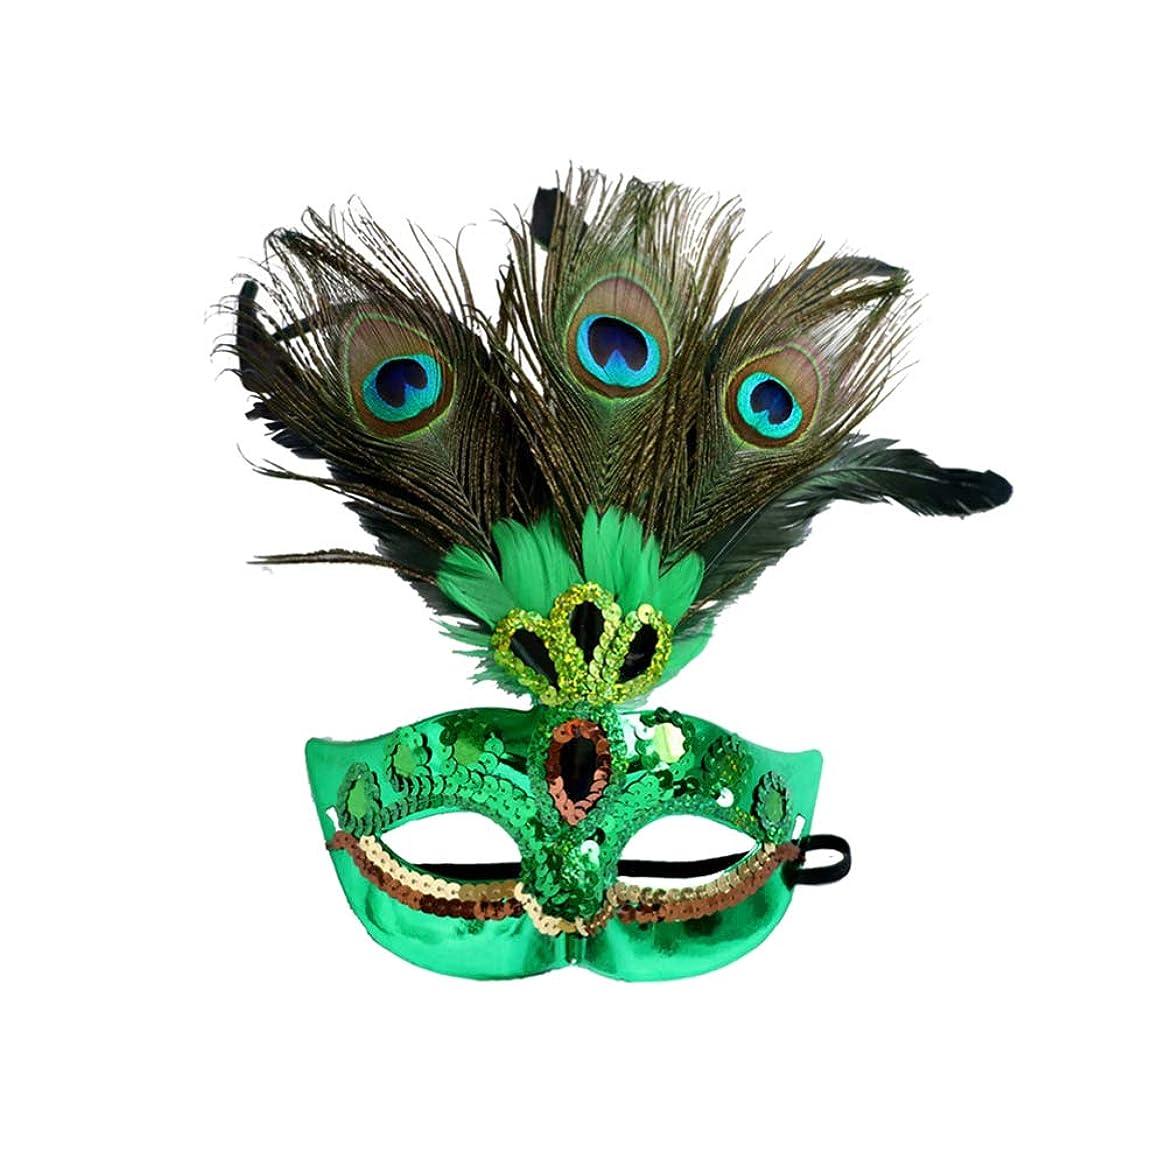 中央値水族館高さAmosfun 1ピースクリエイティブ耐久性のあるportativeクリスマスマスク羽プラスチッククジャク用マスカレード大人コスプレクリスマスパーティー